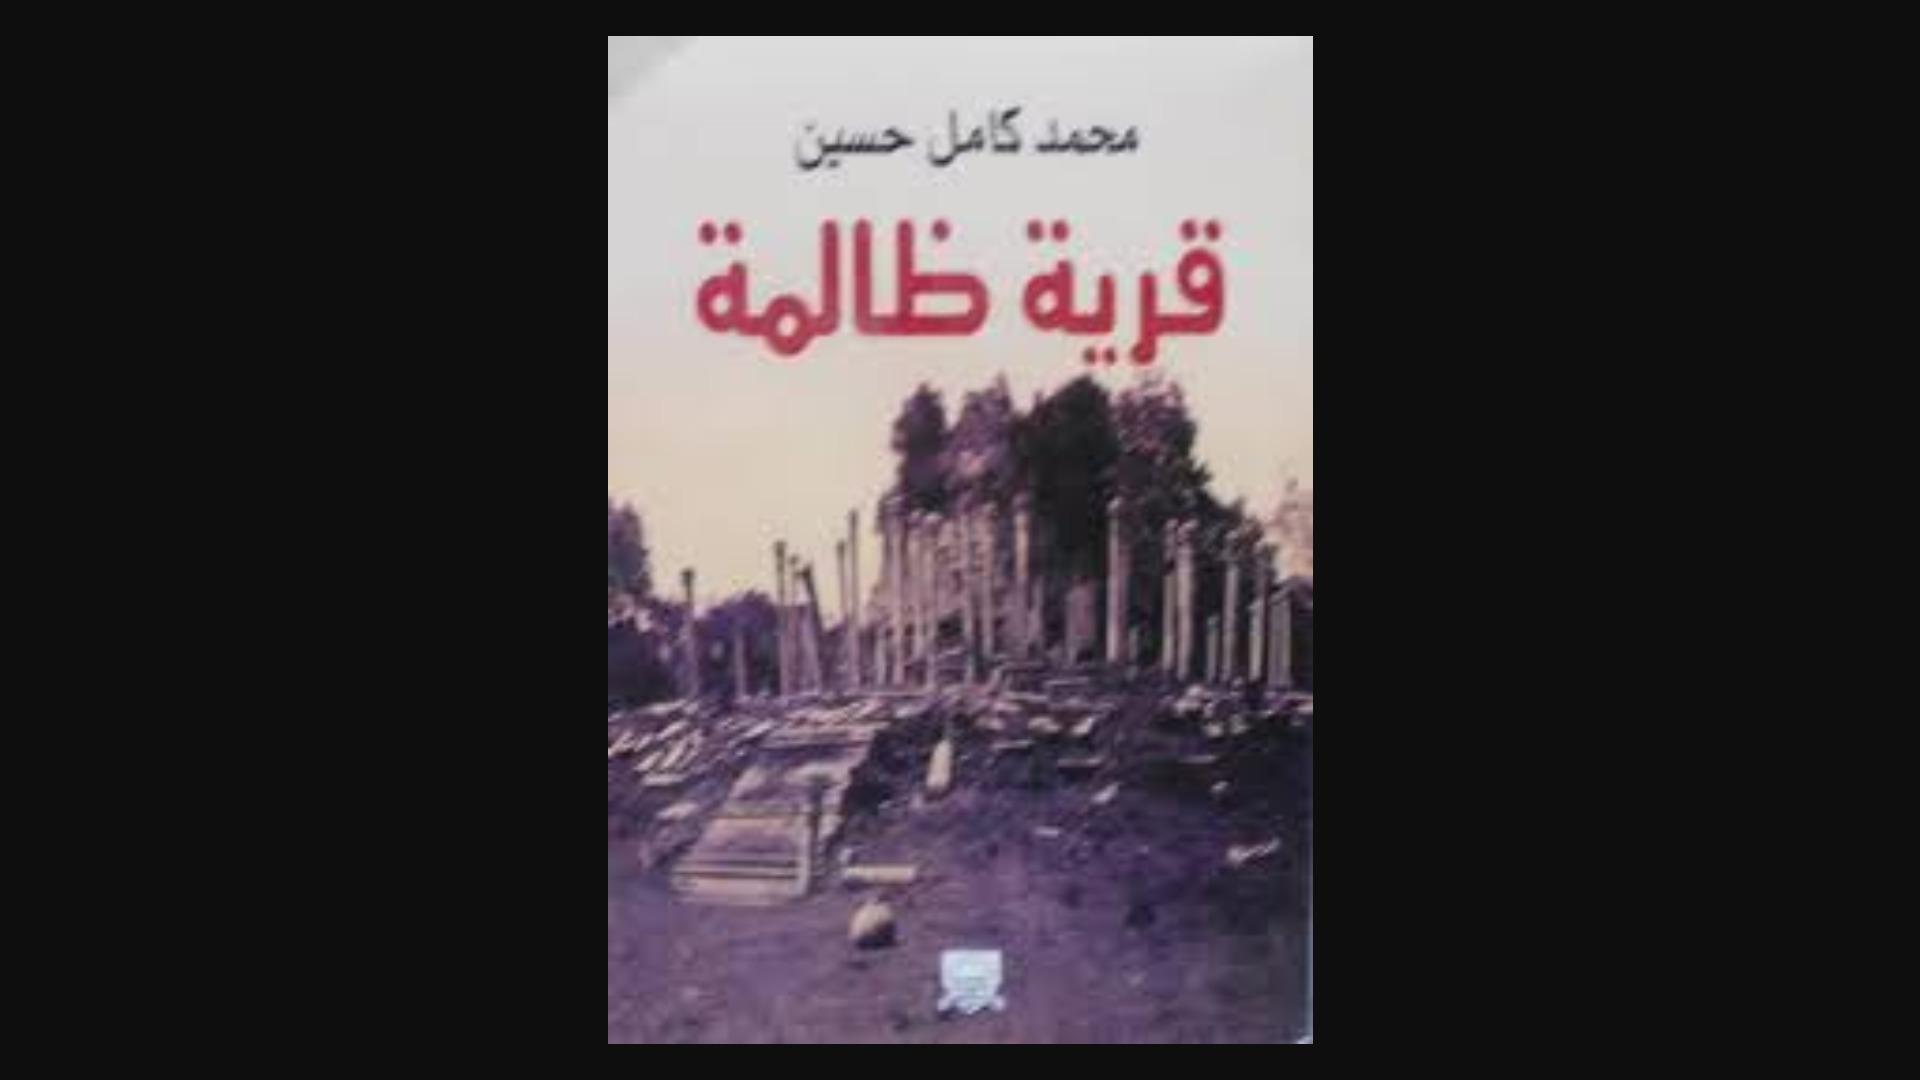 قرية ظالمة Image (1/1)